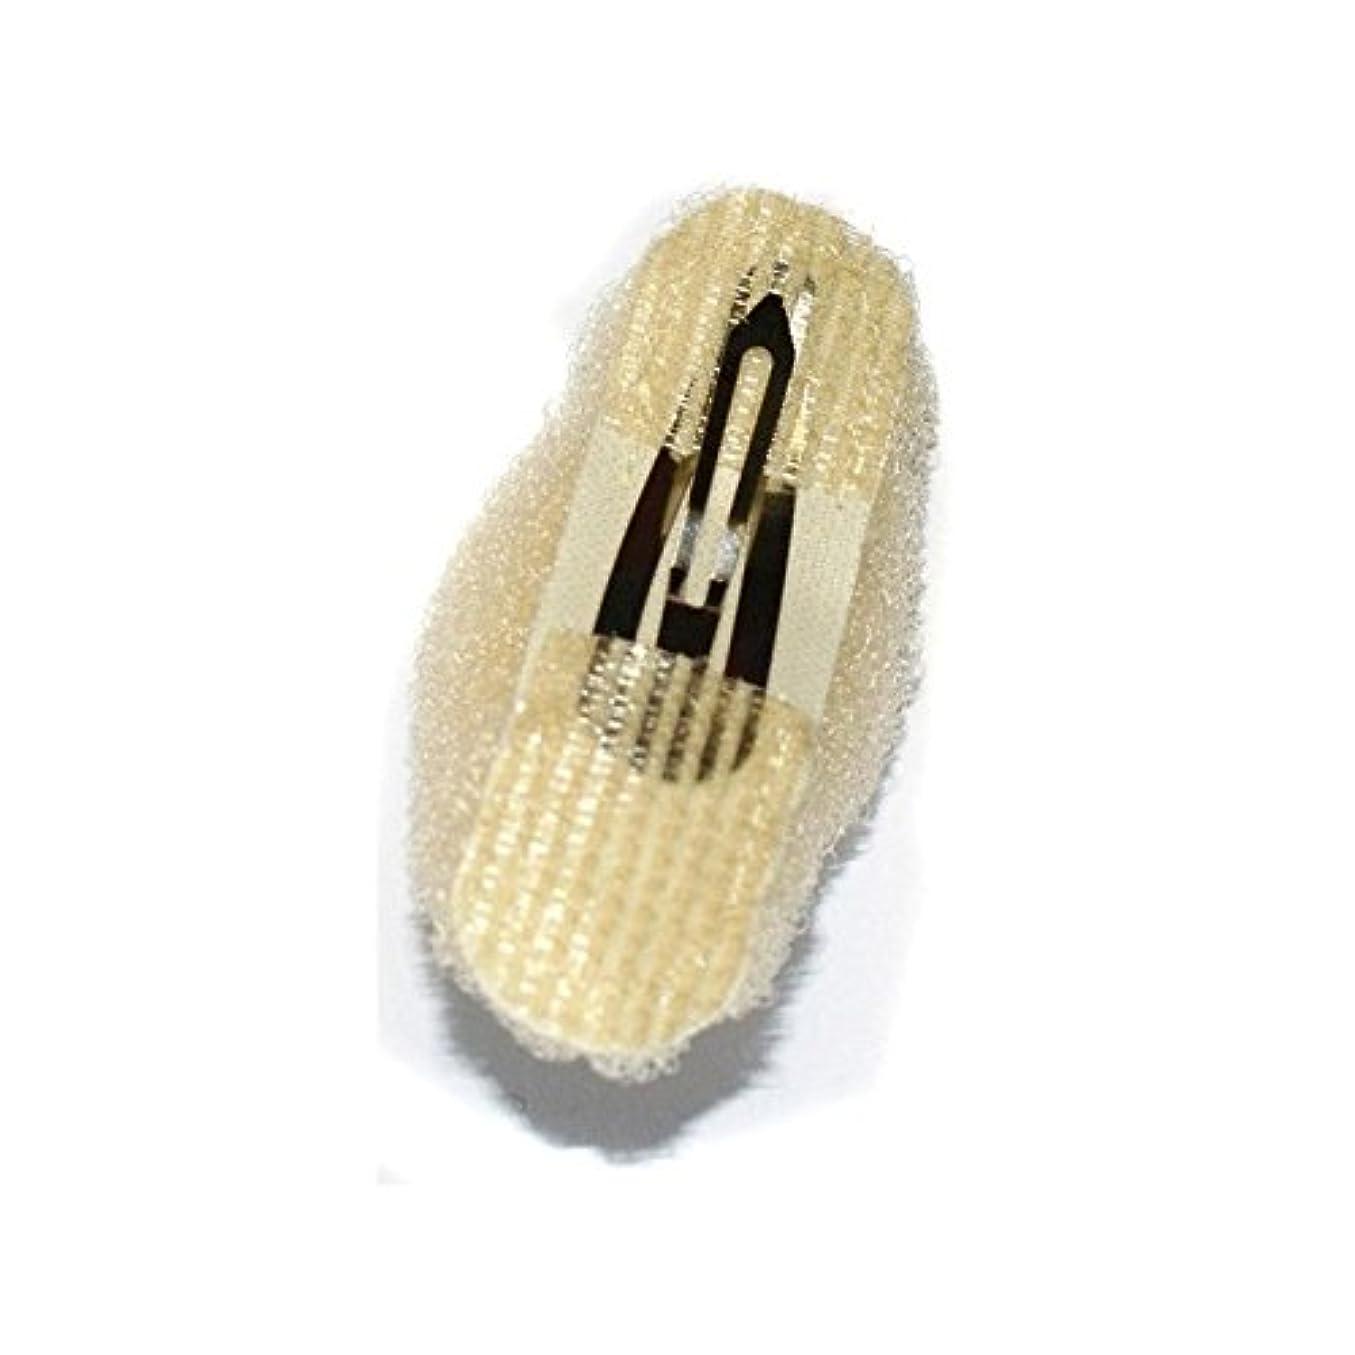 戸棚スピーチ注入するHair Tools Updo Pad - Light - 髪のツールアップヘアパッド - 光 [並行輸入品]